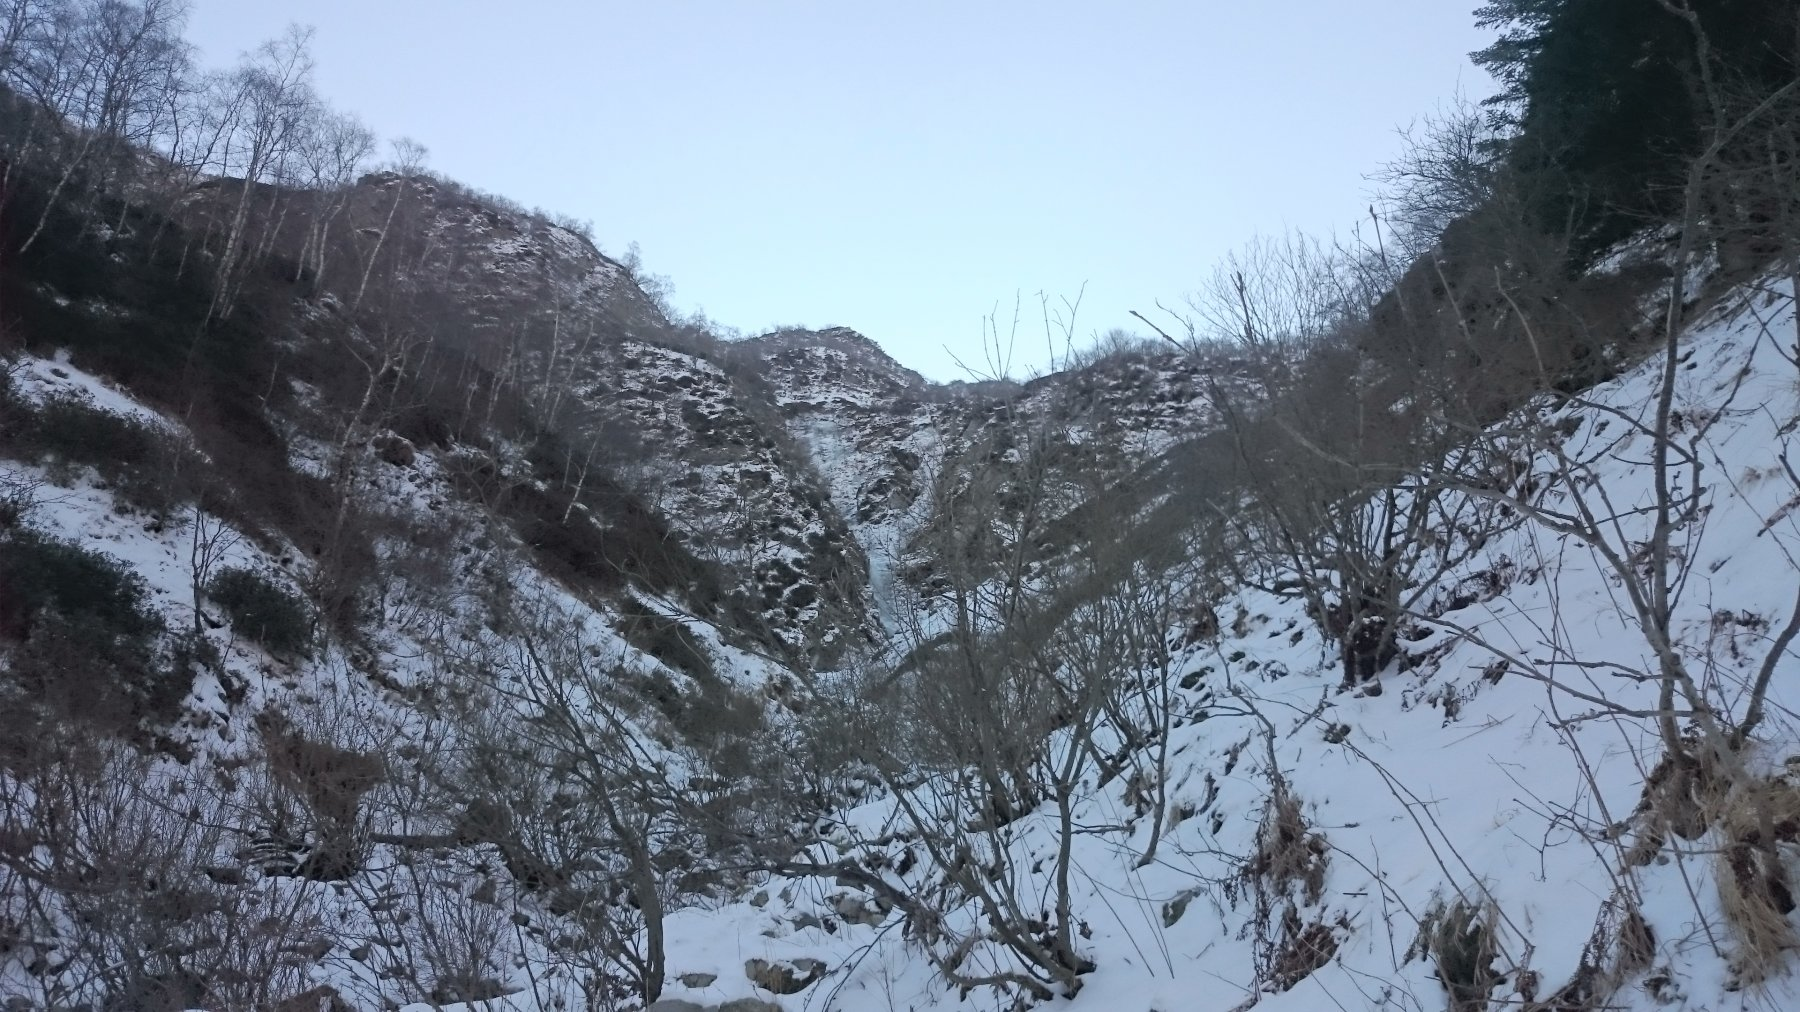 La cascata vista dall'imbocco del canale